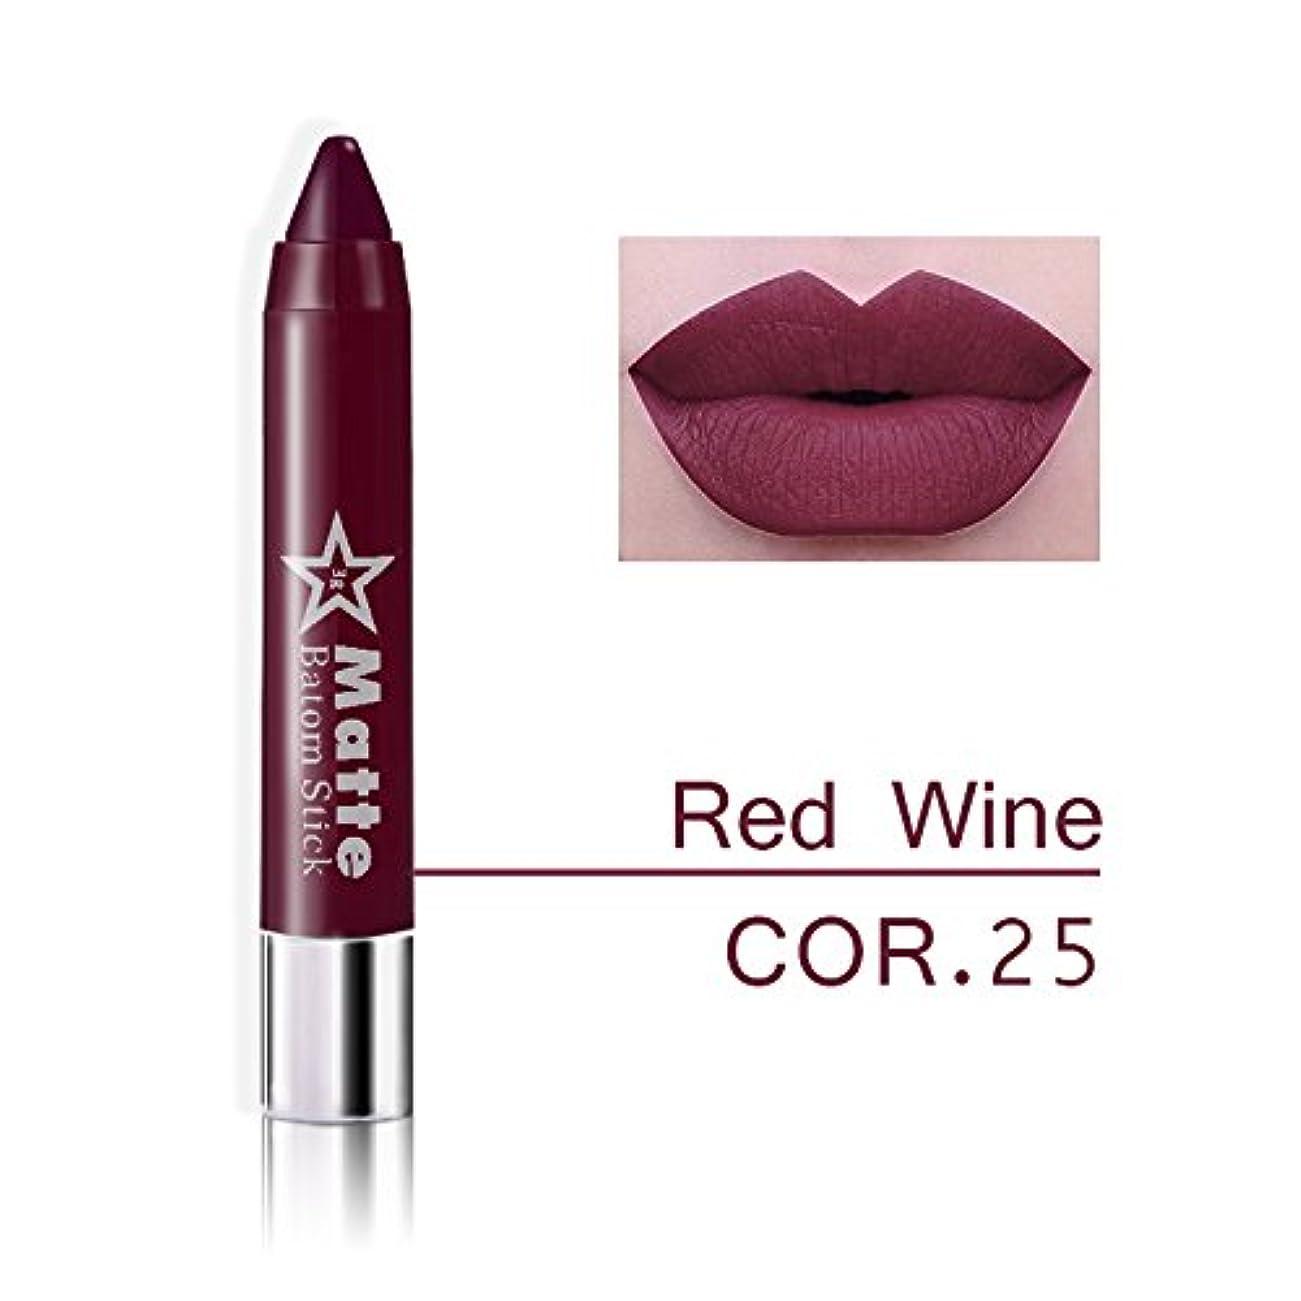 個人的に平方乱れMiss Rose Brand lips Matte Moisturizing Lipstick Makeup Lipsticks Waterproof matte Lip gloss Mate Lipsticks Make up